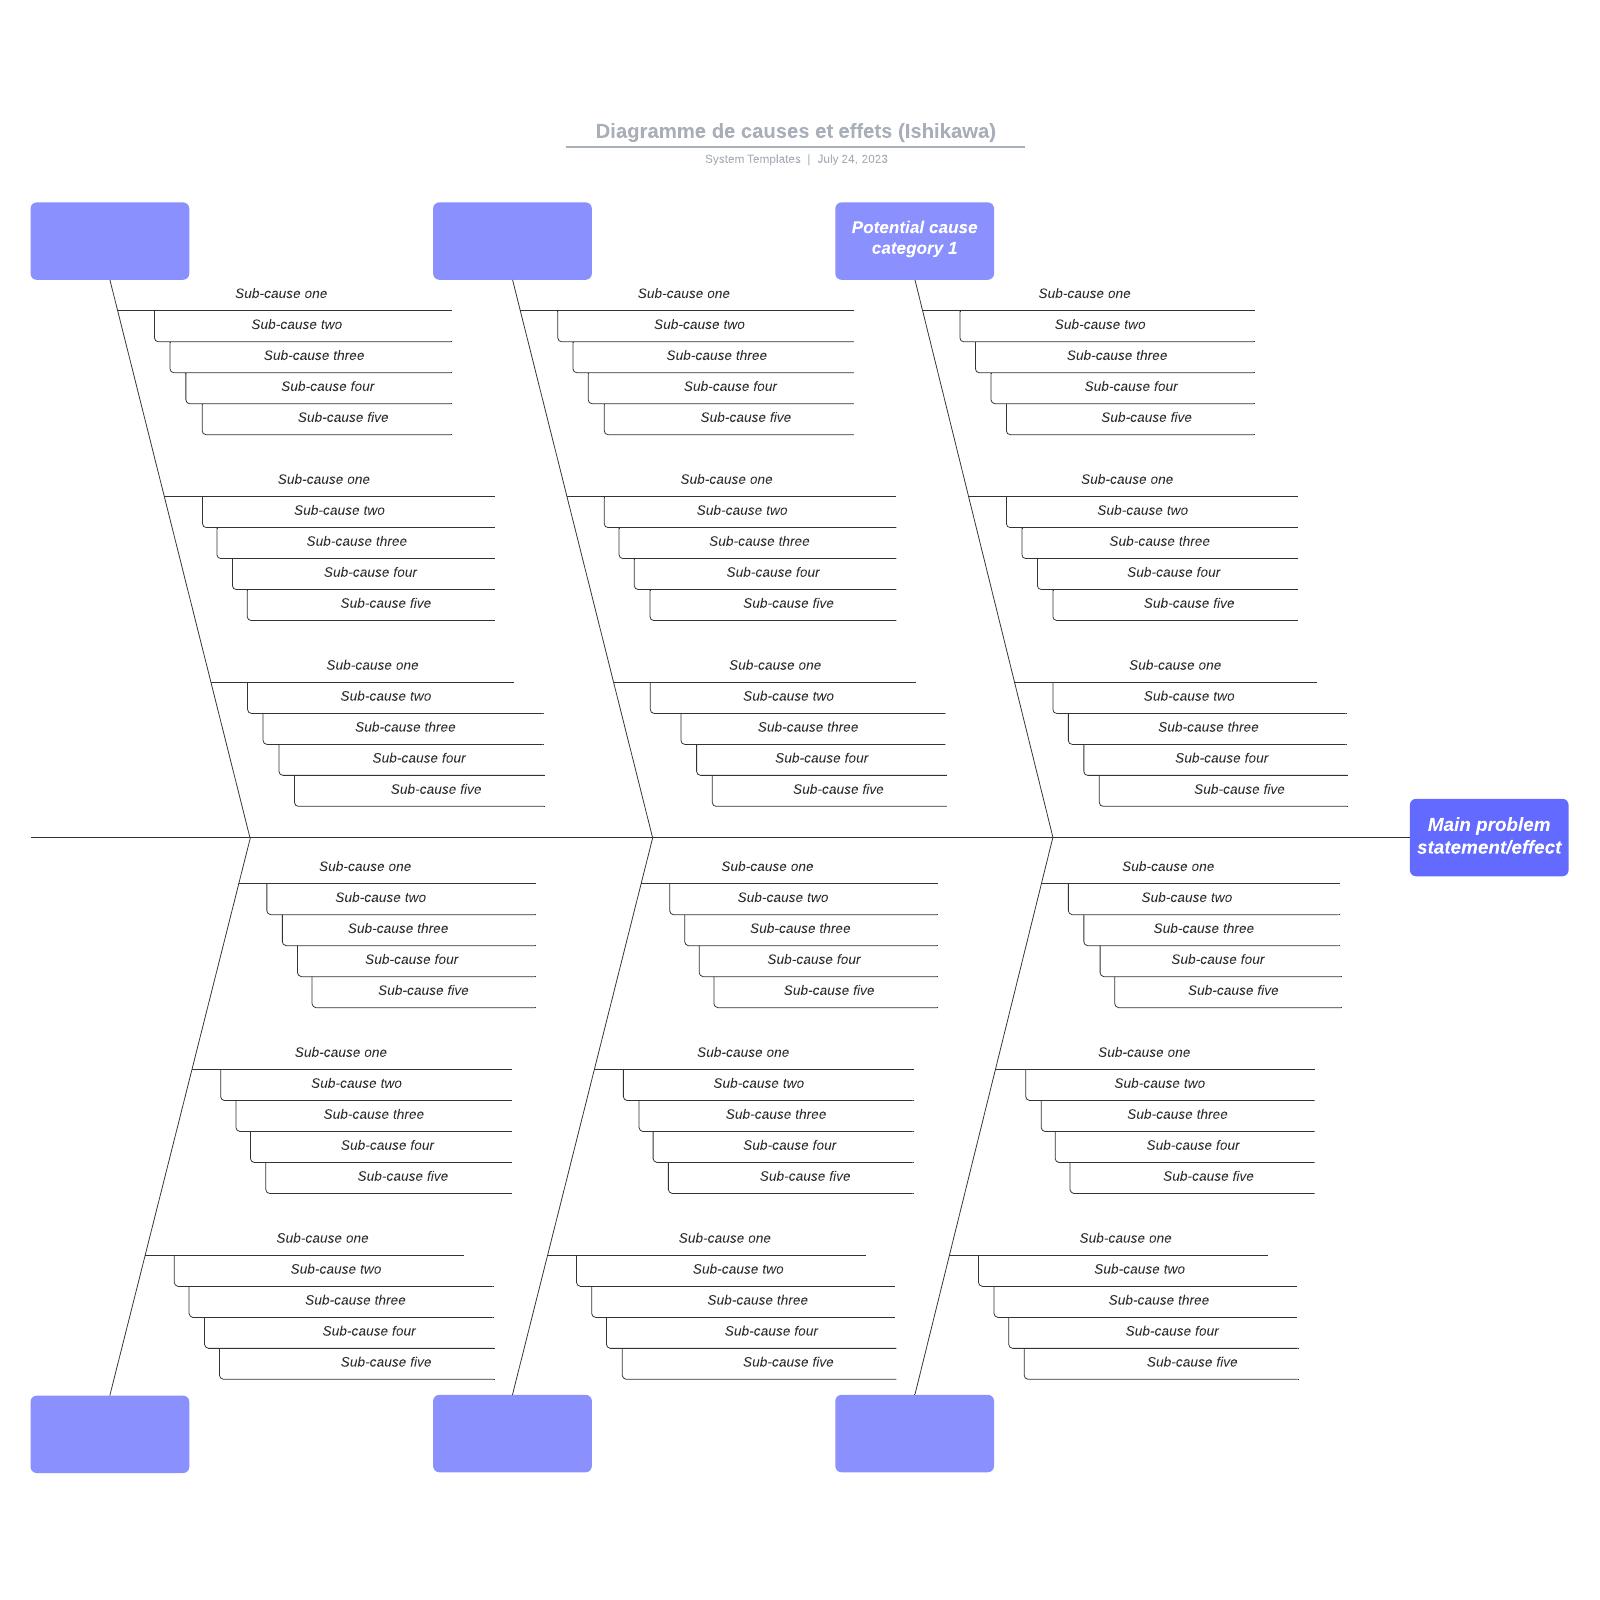 exemple d'Ishikawa (diagramme de causes et effets) vierge